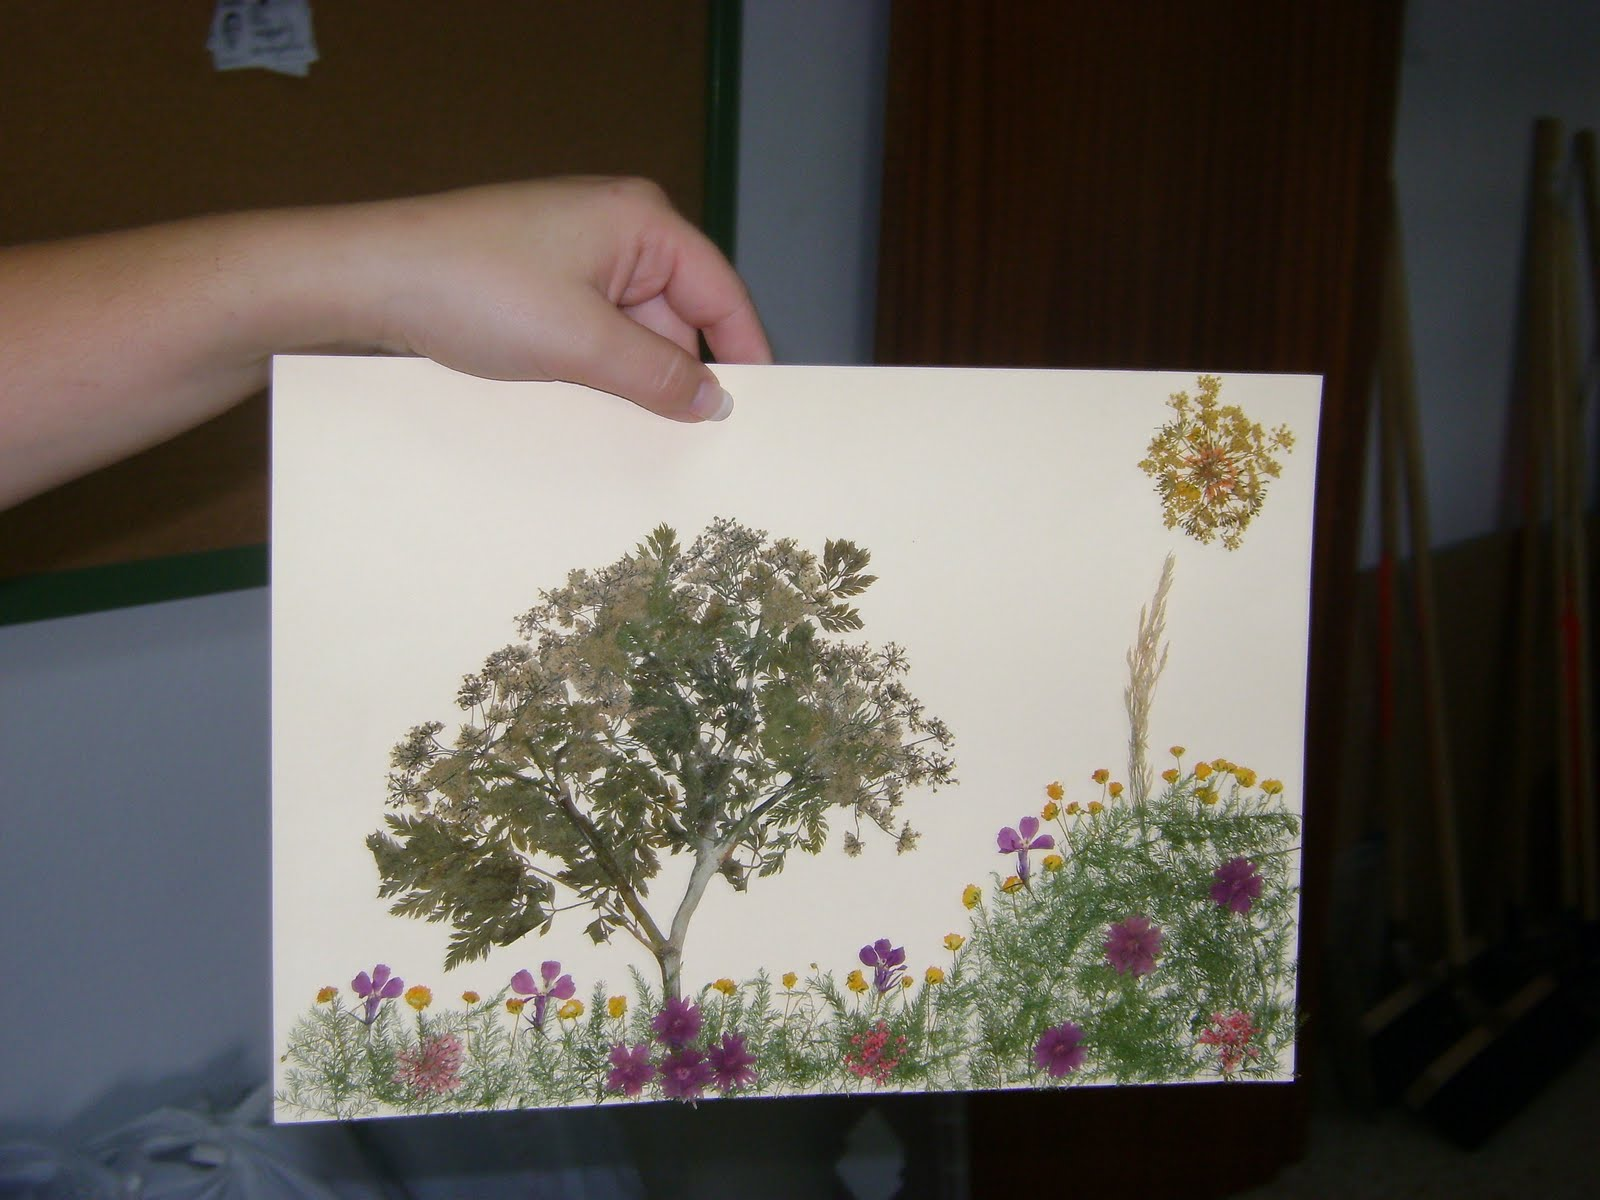 Imagenes de cuadros de flores secas - Adornos flores secas ...